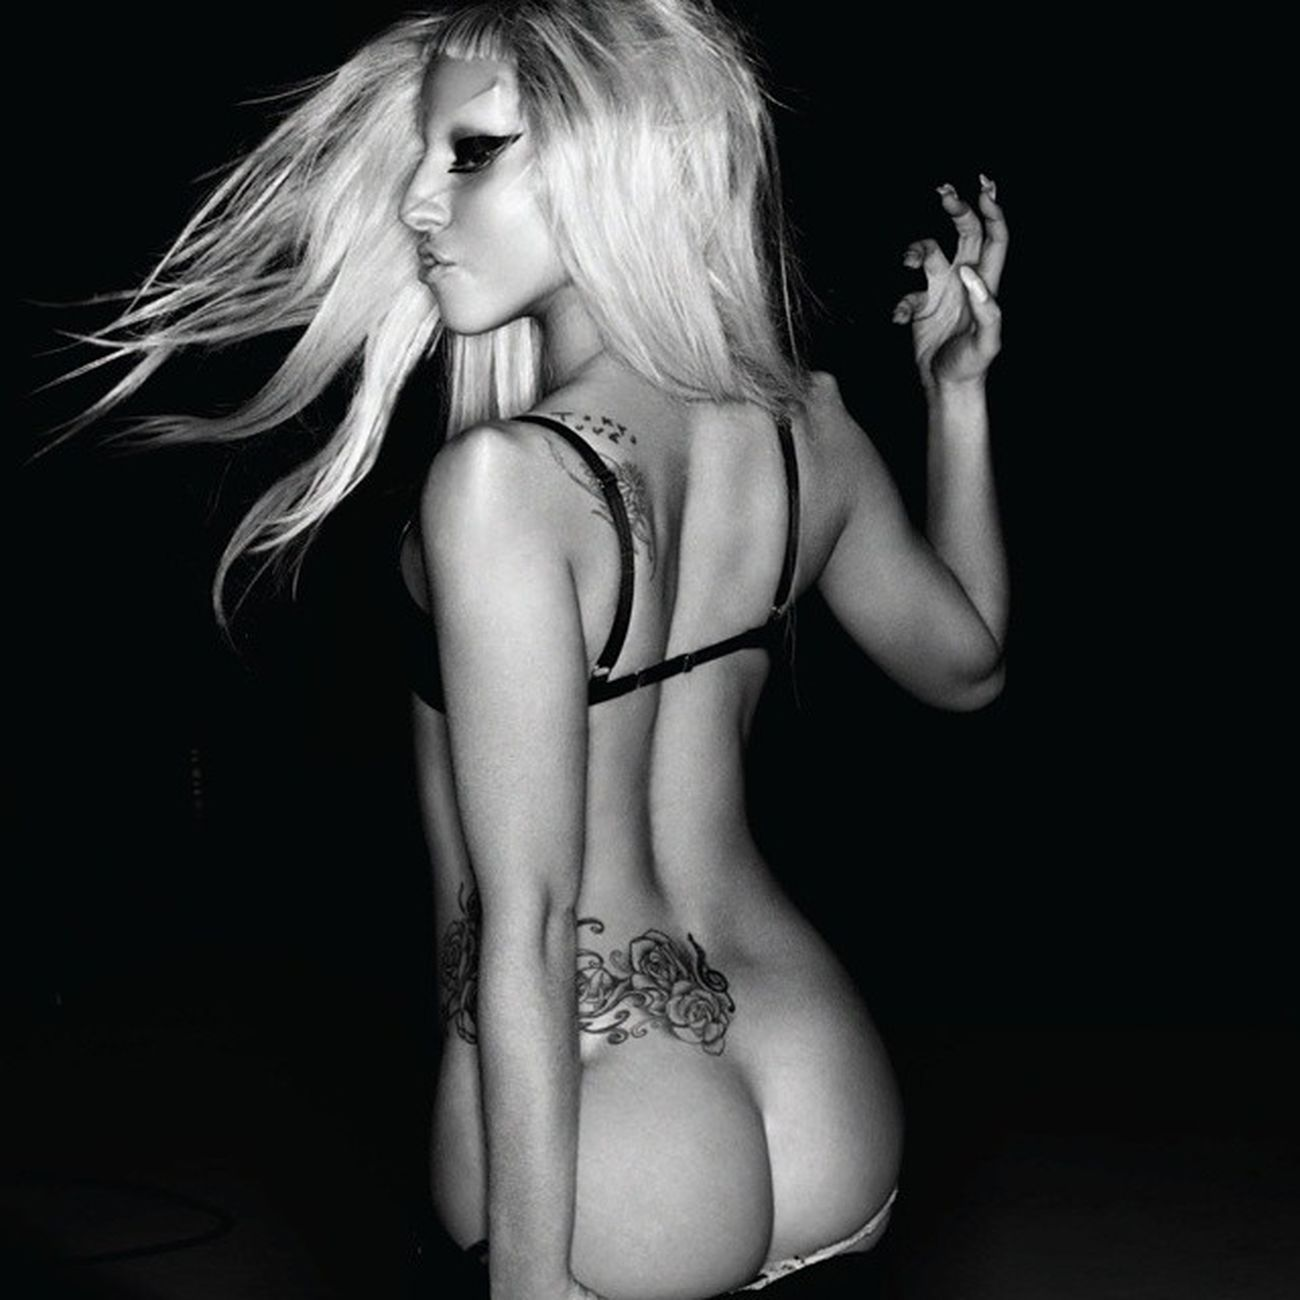 Parabéns para mulher Artista pessoa Rainha que que inspira todos os dias!! Ja fazem tantos anos que estamos juntos nessa jornada e hoje voce completa 29 aninhos!! HappybirthdayGaGa Littlemonster Littlemonsters Gaga